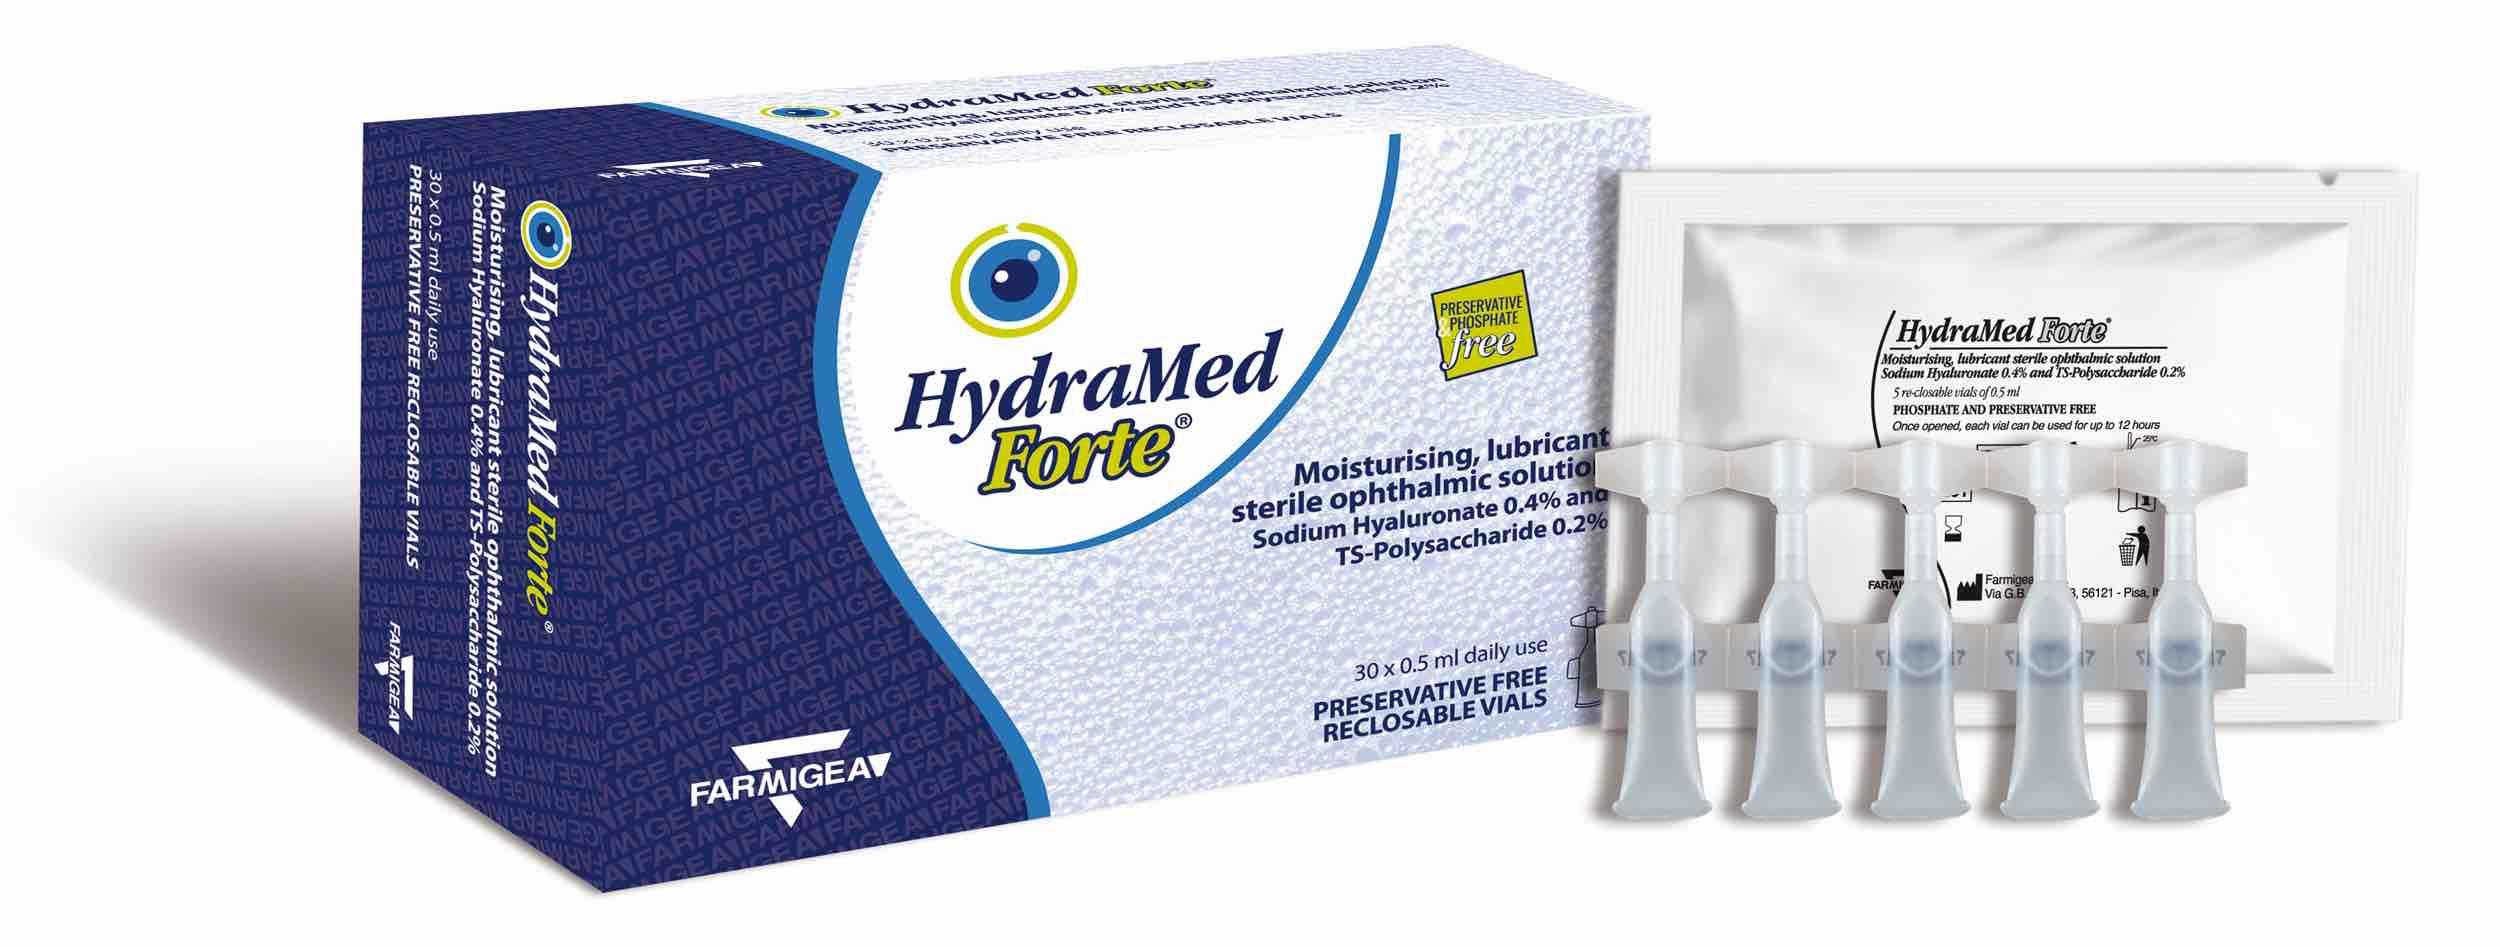 Scatola del collirio HydraMed Forte